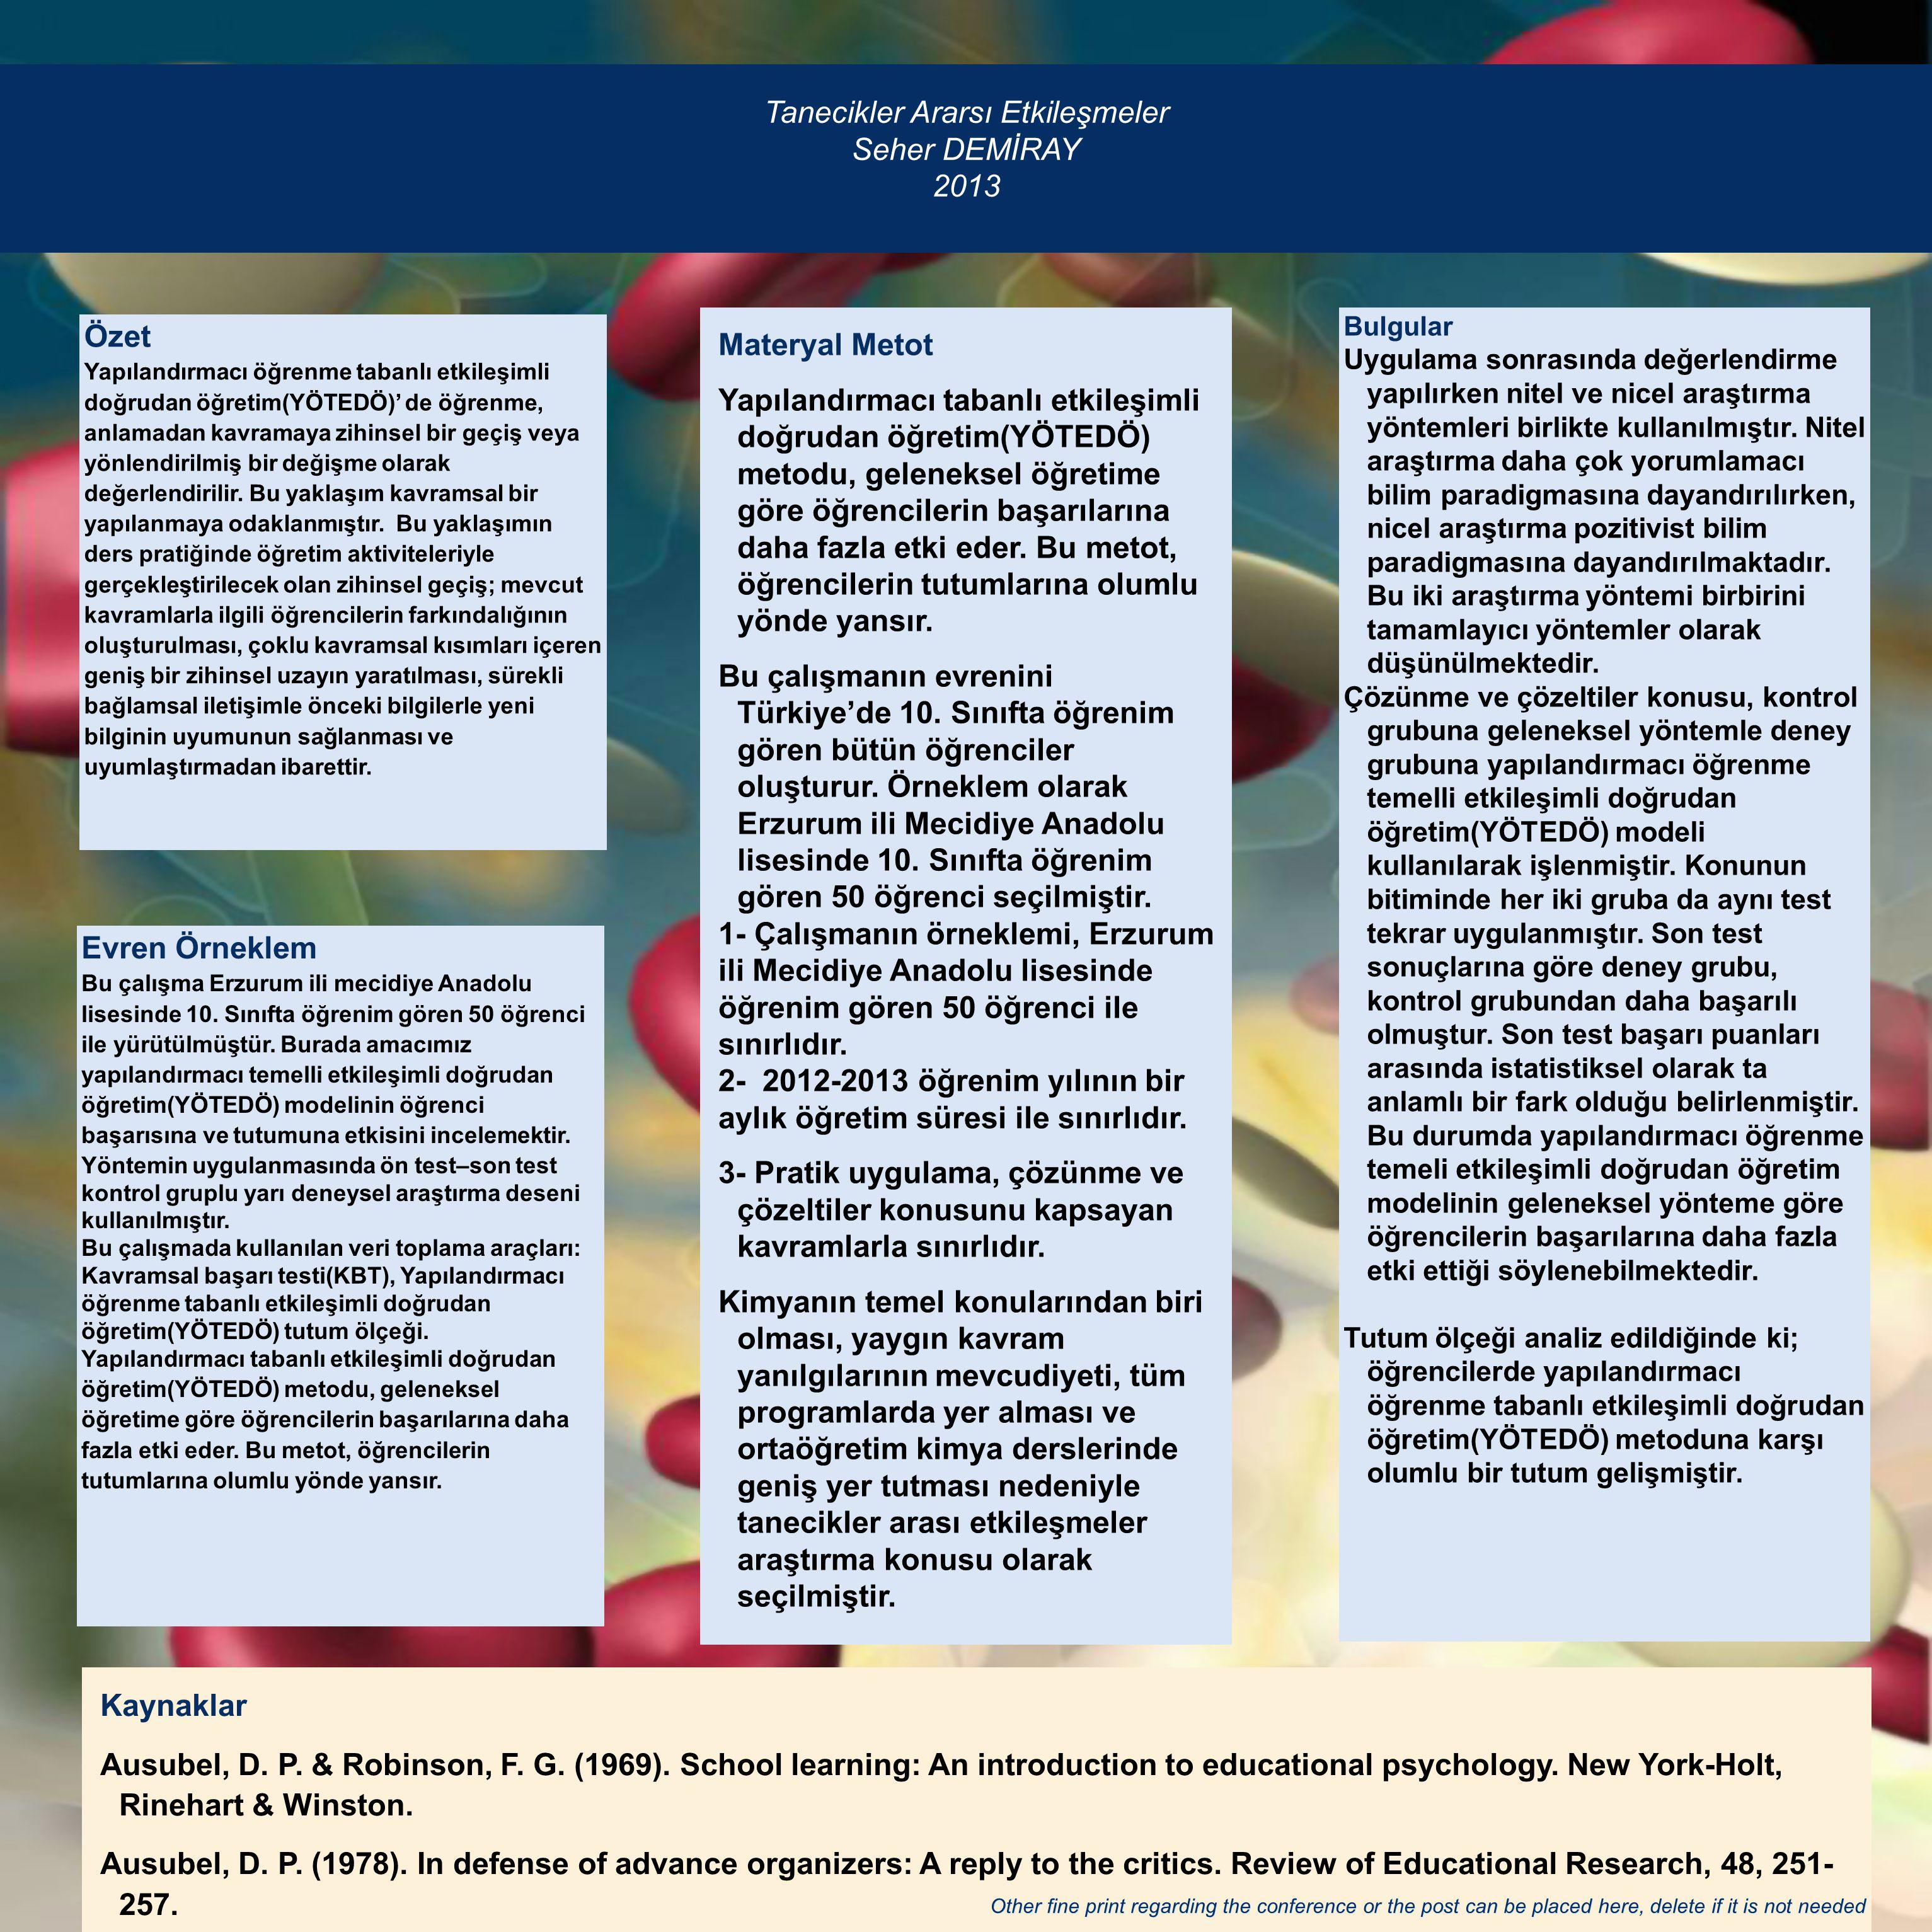 Tanecikler Ararsı Etkileşmeler Seher DEMİRAY 2013 Materyal Metot Yapılandırmacı tabanlı etkileşimli doğrudan öğretim(YÖTEDÖ) metodu, geleneksel öğreti